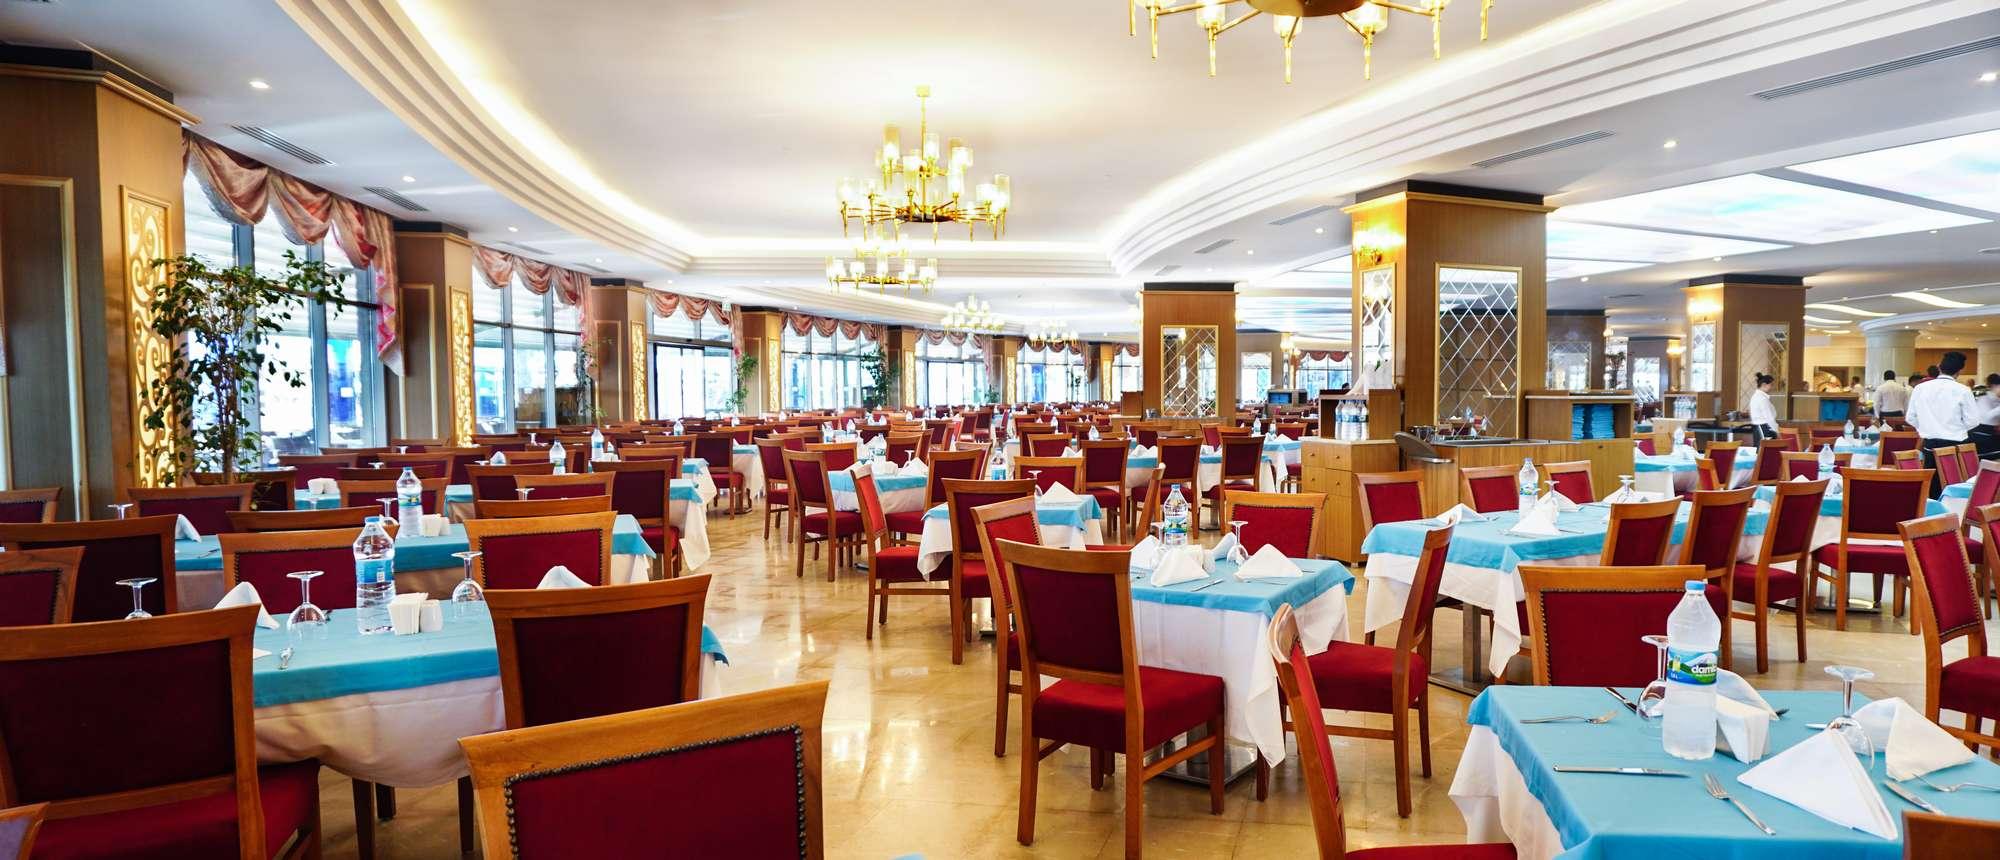 Фото нового отеля в Турции Aquasis Deluxe Resort & Spa 5* кухня